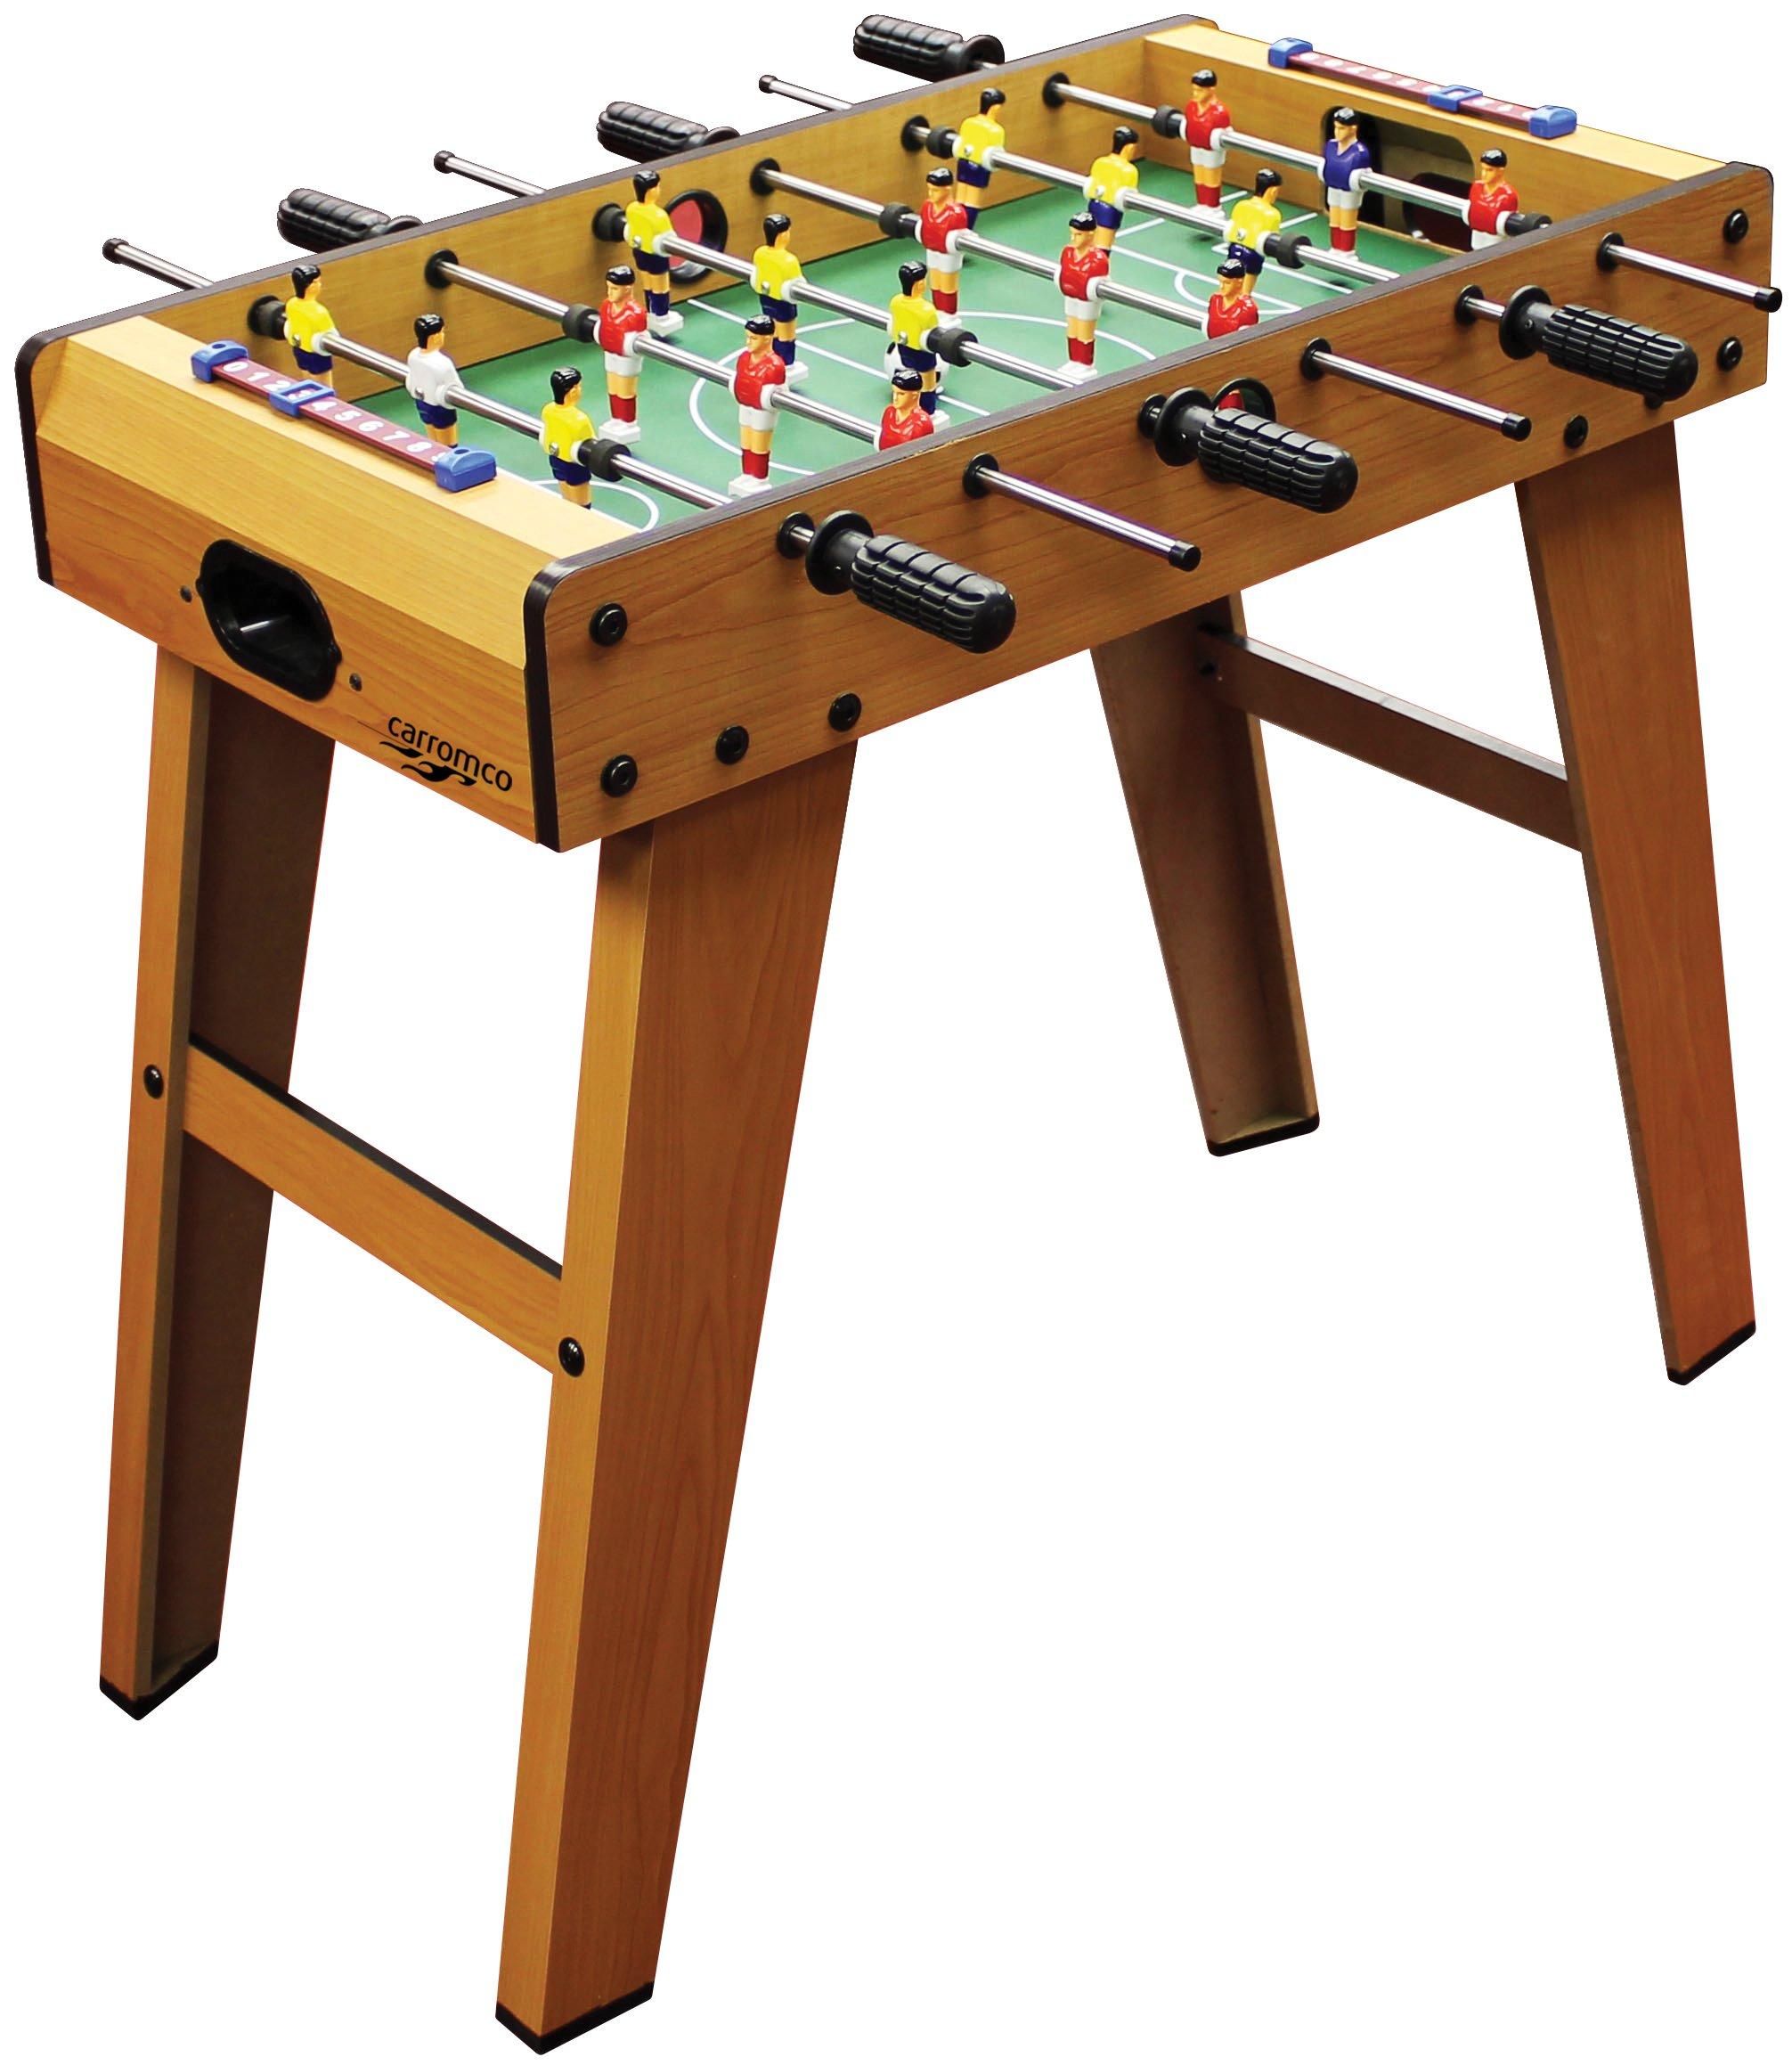 Carromco Futbolín Kick-XL, 05009: Carromco 05009 - Tischfussbalsspiel Kick-XL: Amazon.es: Juguetes y juegos